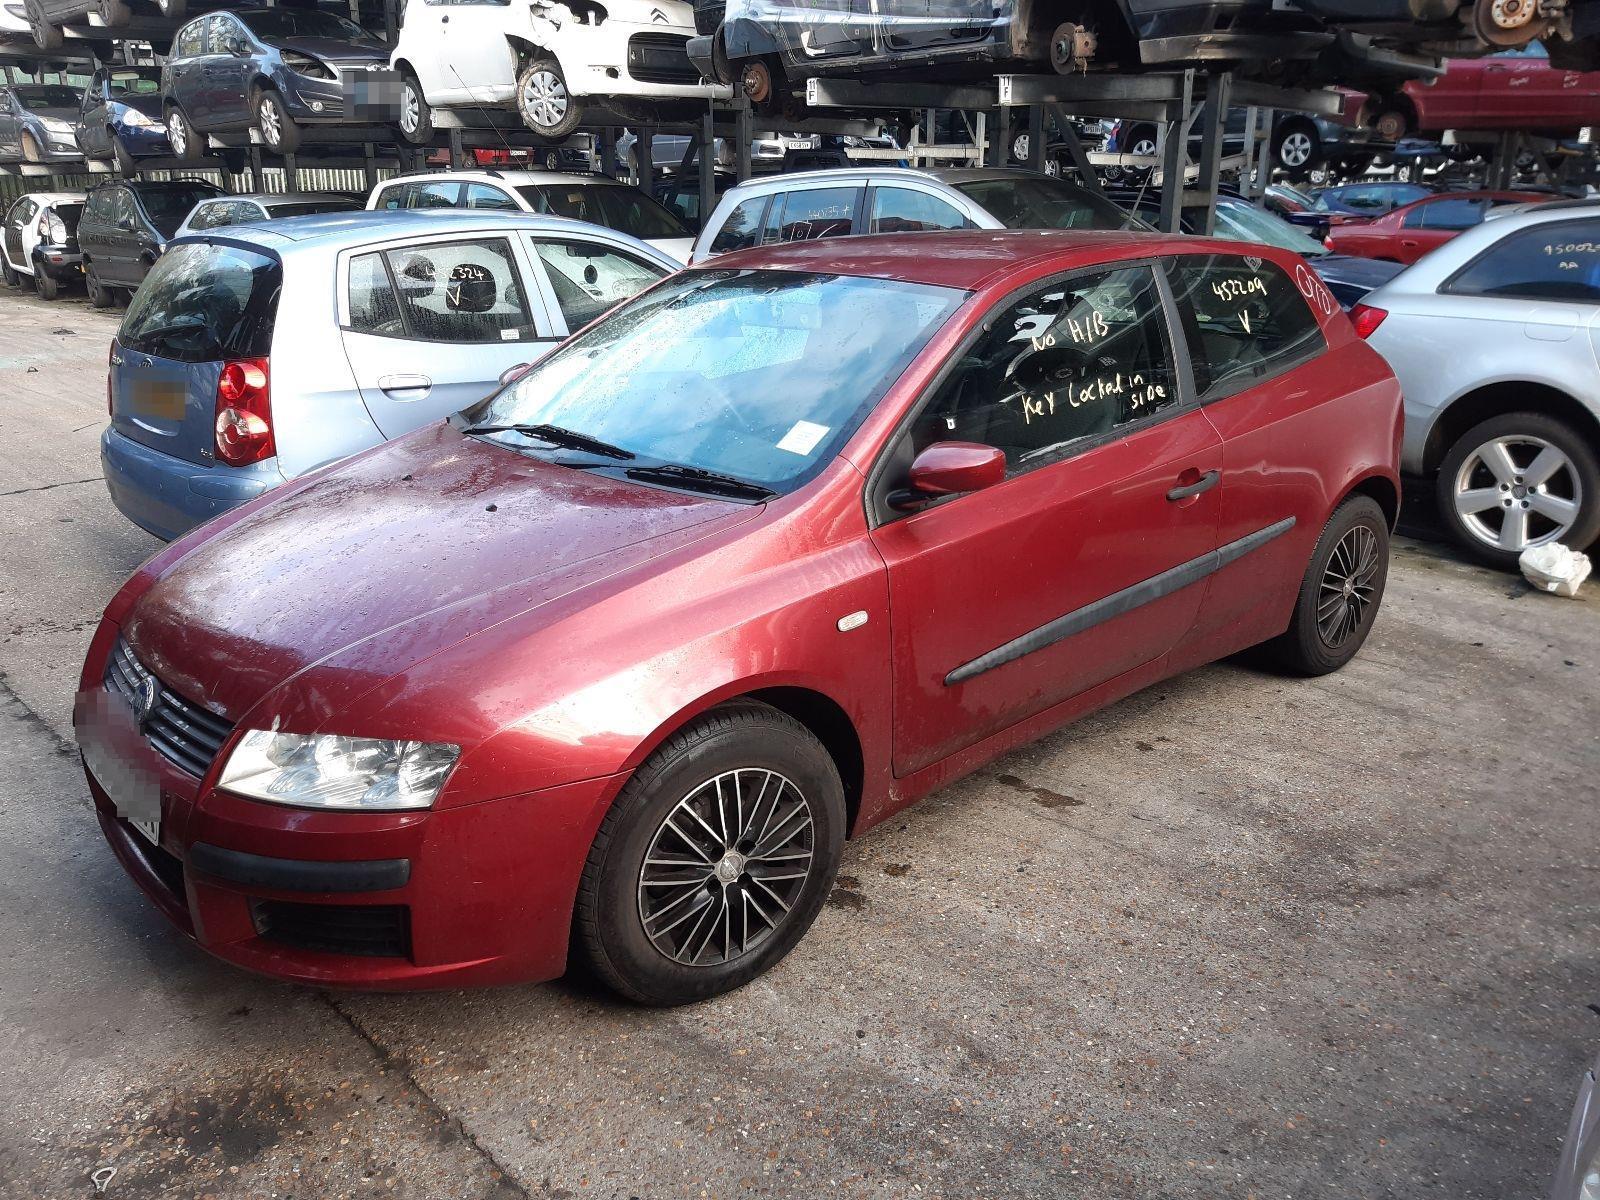 Fiat Stilo 2001 To 2007 Active Sport 5 Door Hatchback